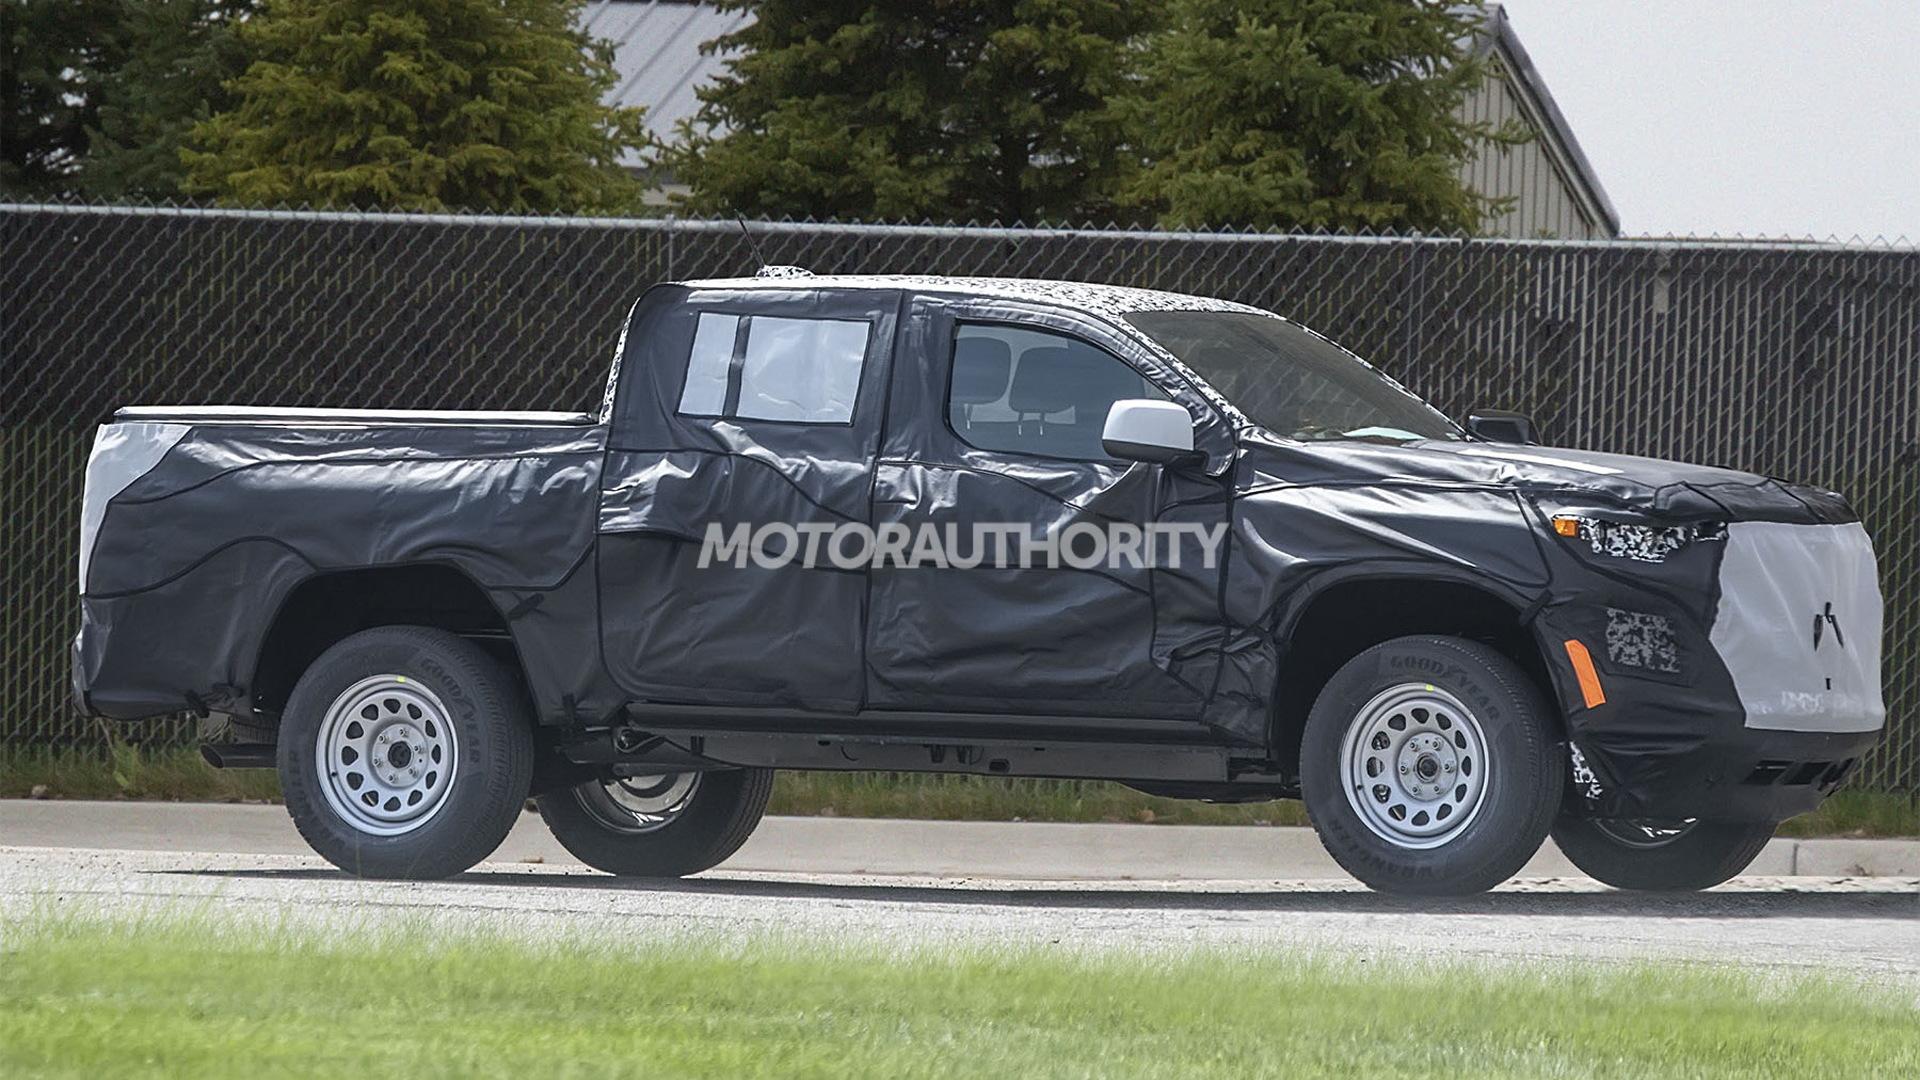 2023 Chevrolet Colorado spy shots - Photo credit:S. Baldauf/SB-Medien